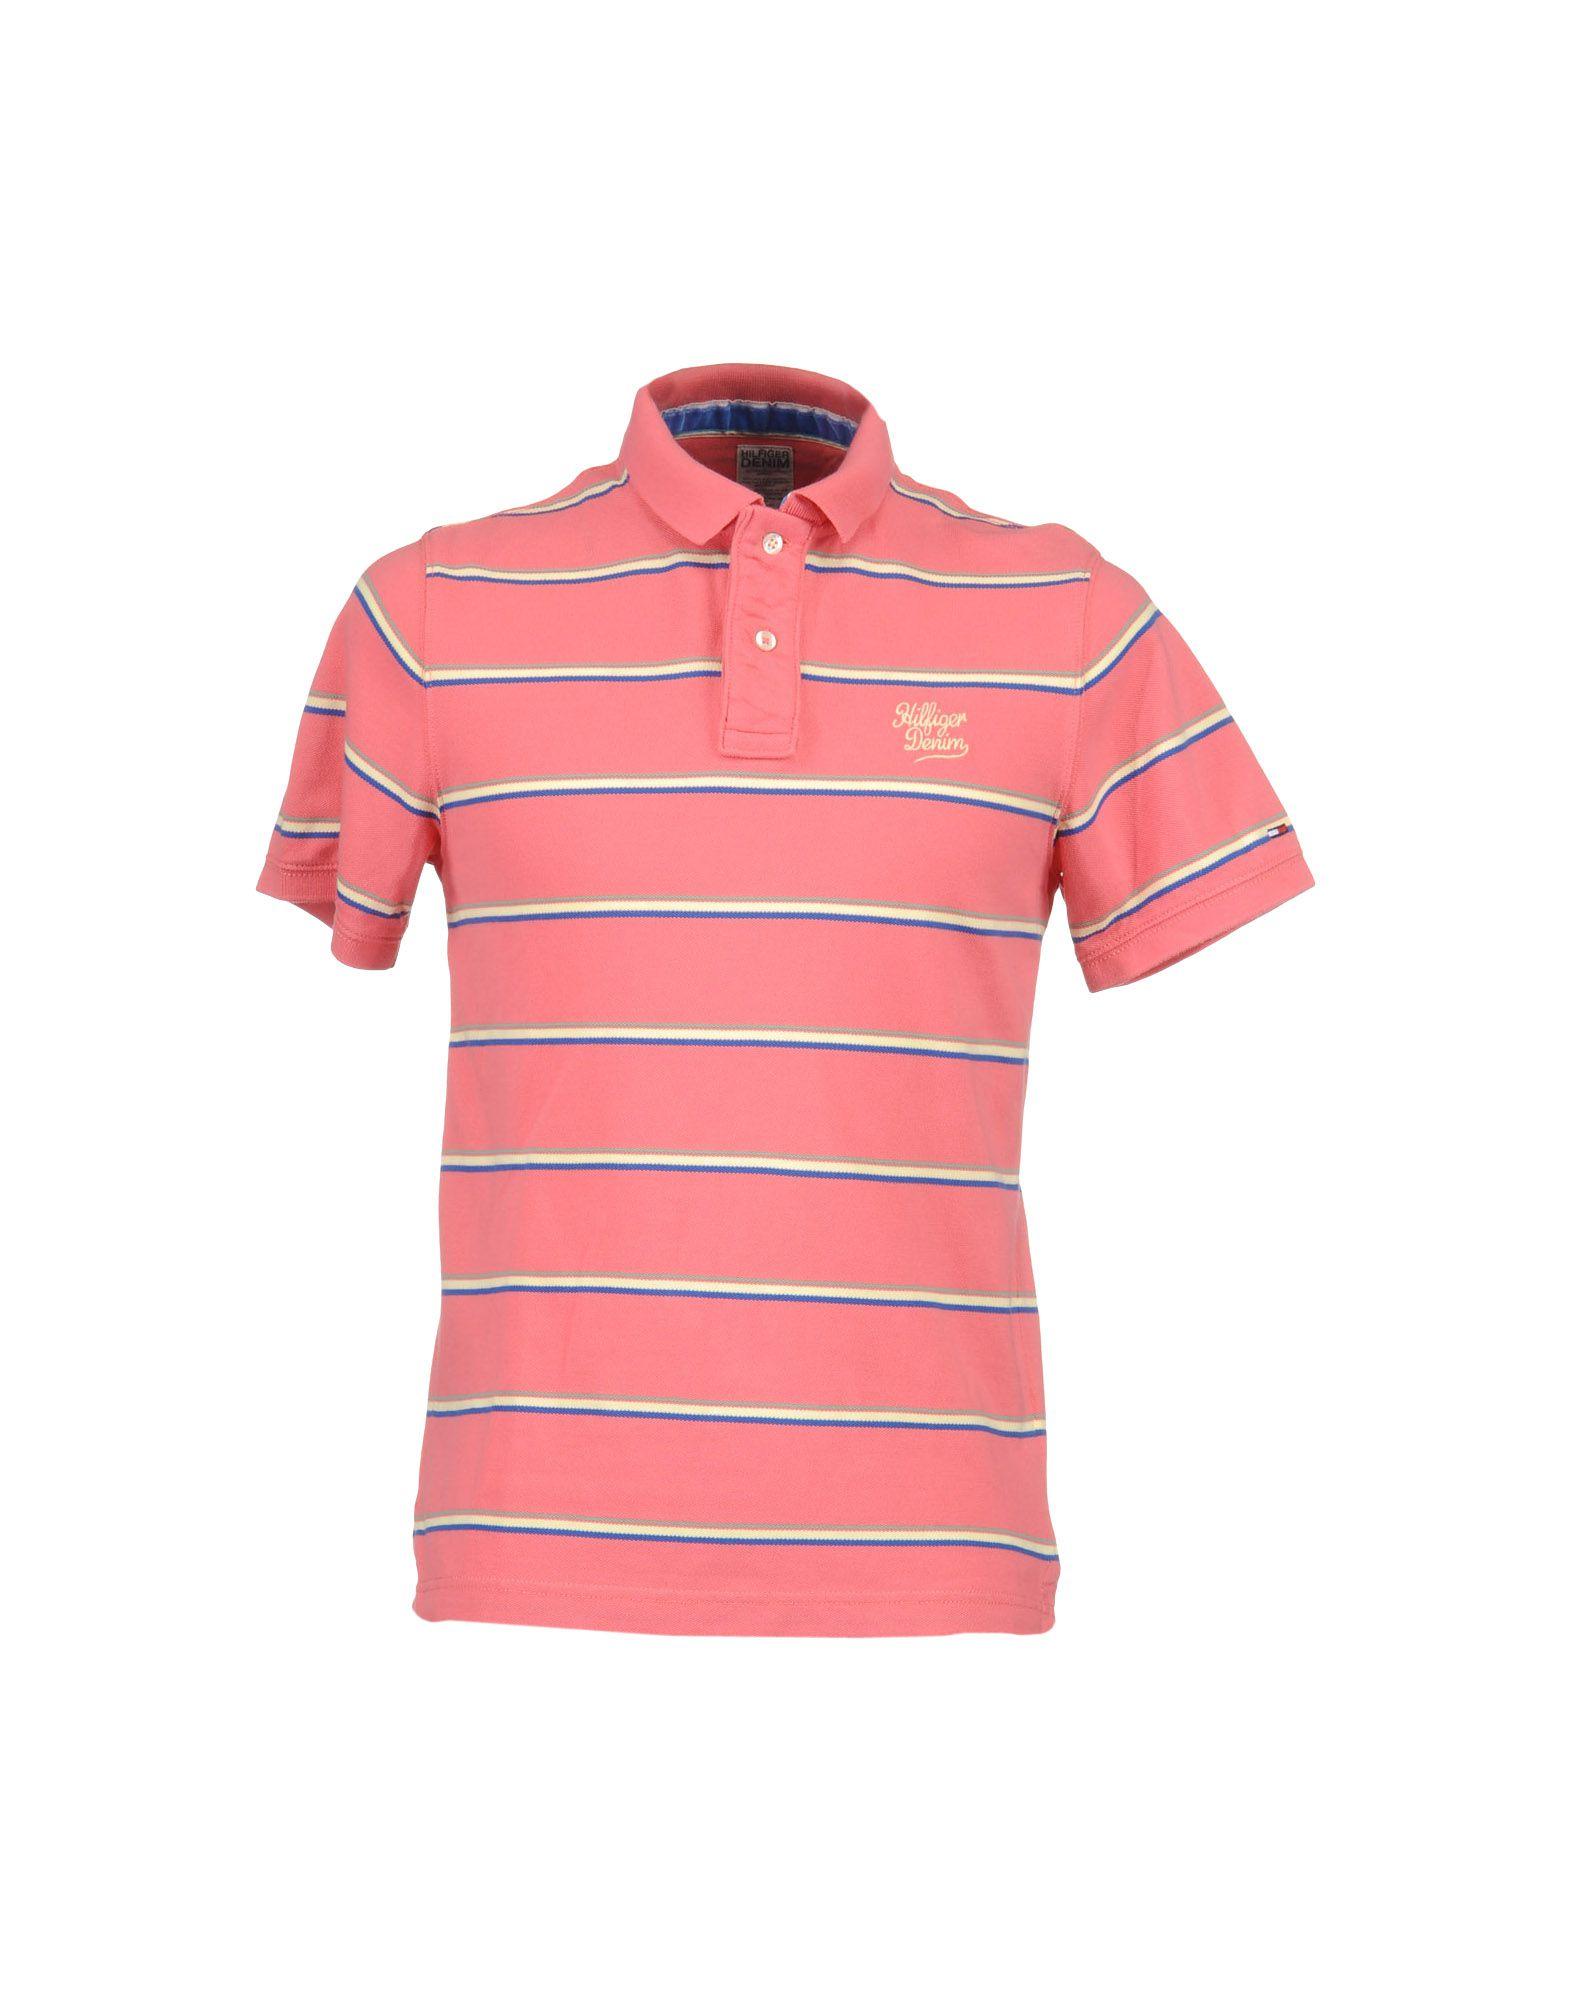 tommy hilfiger denim polo shirt in pink for men lyst. Black Bedroom Furniture Sets. Home Design Ideas